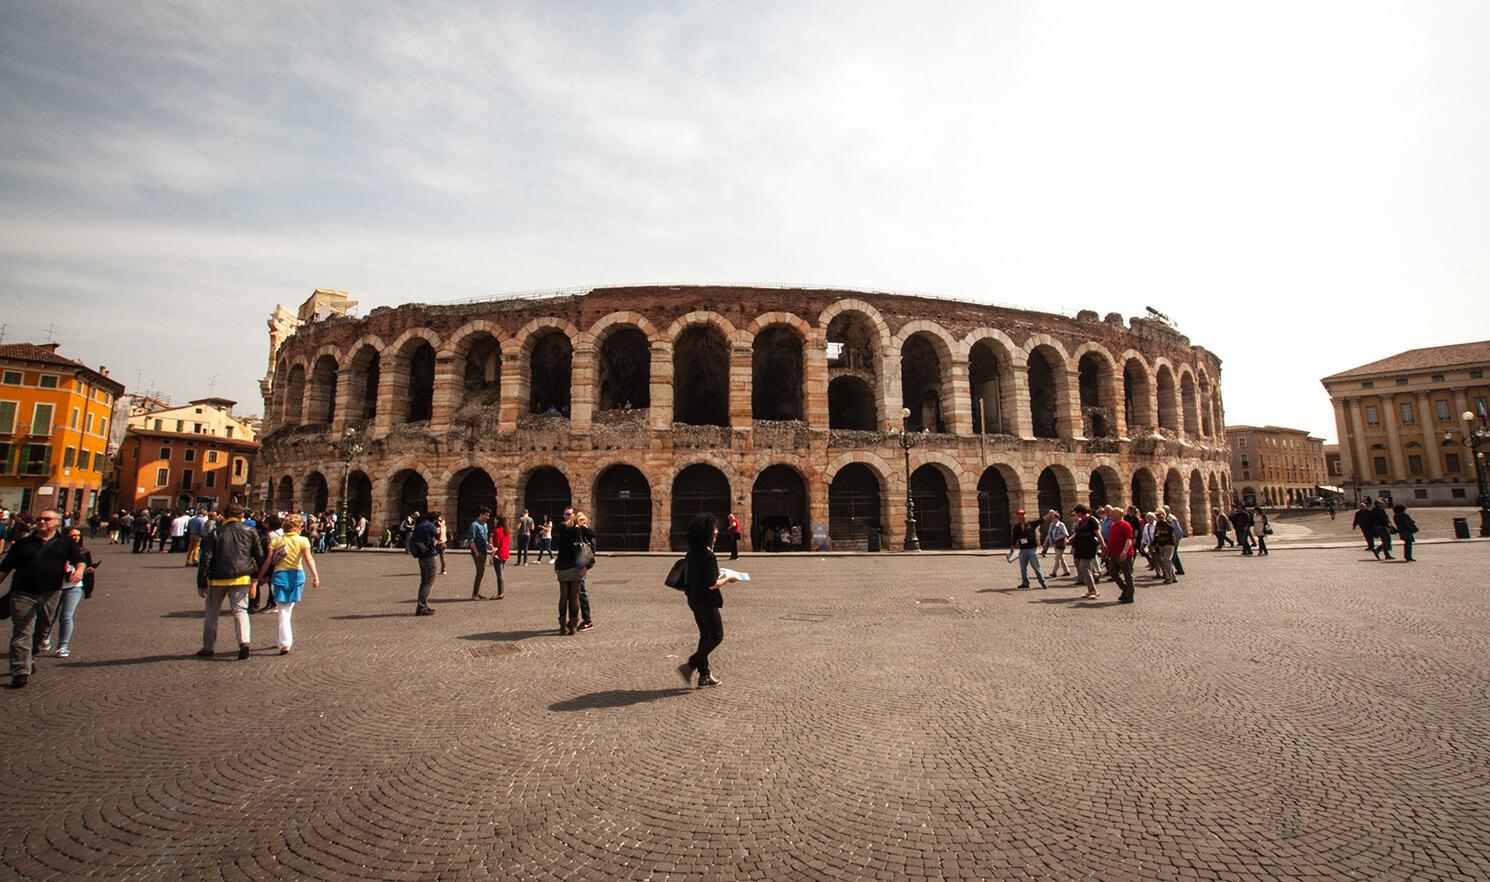 Plaza Bra - Verona